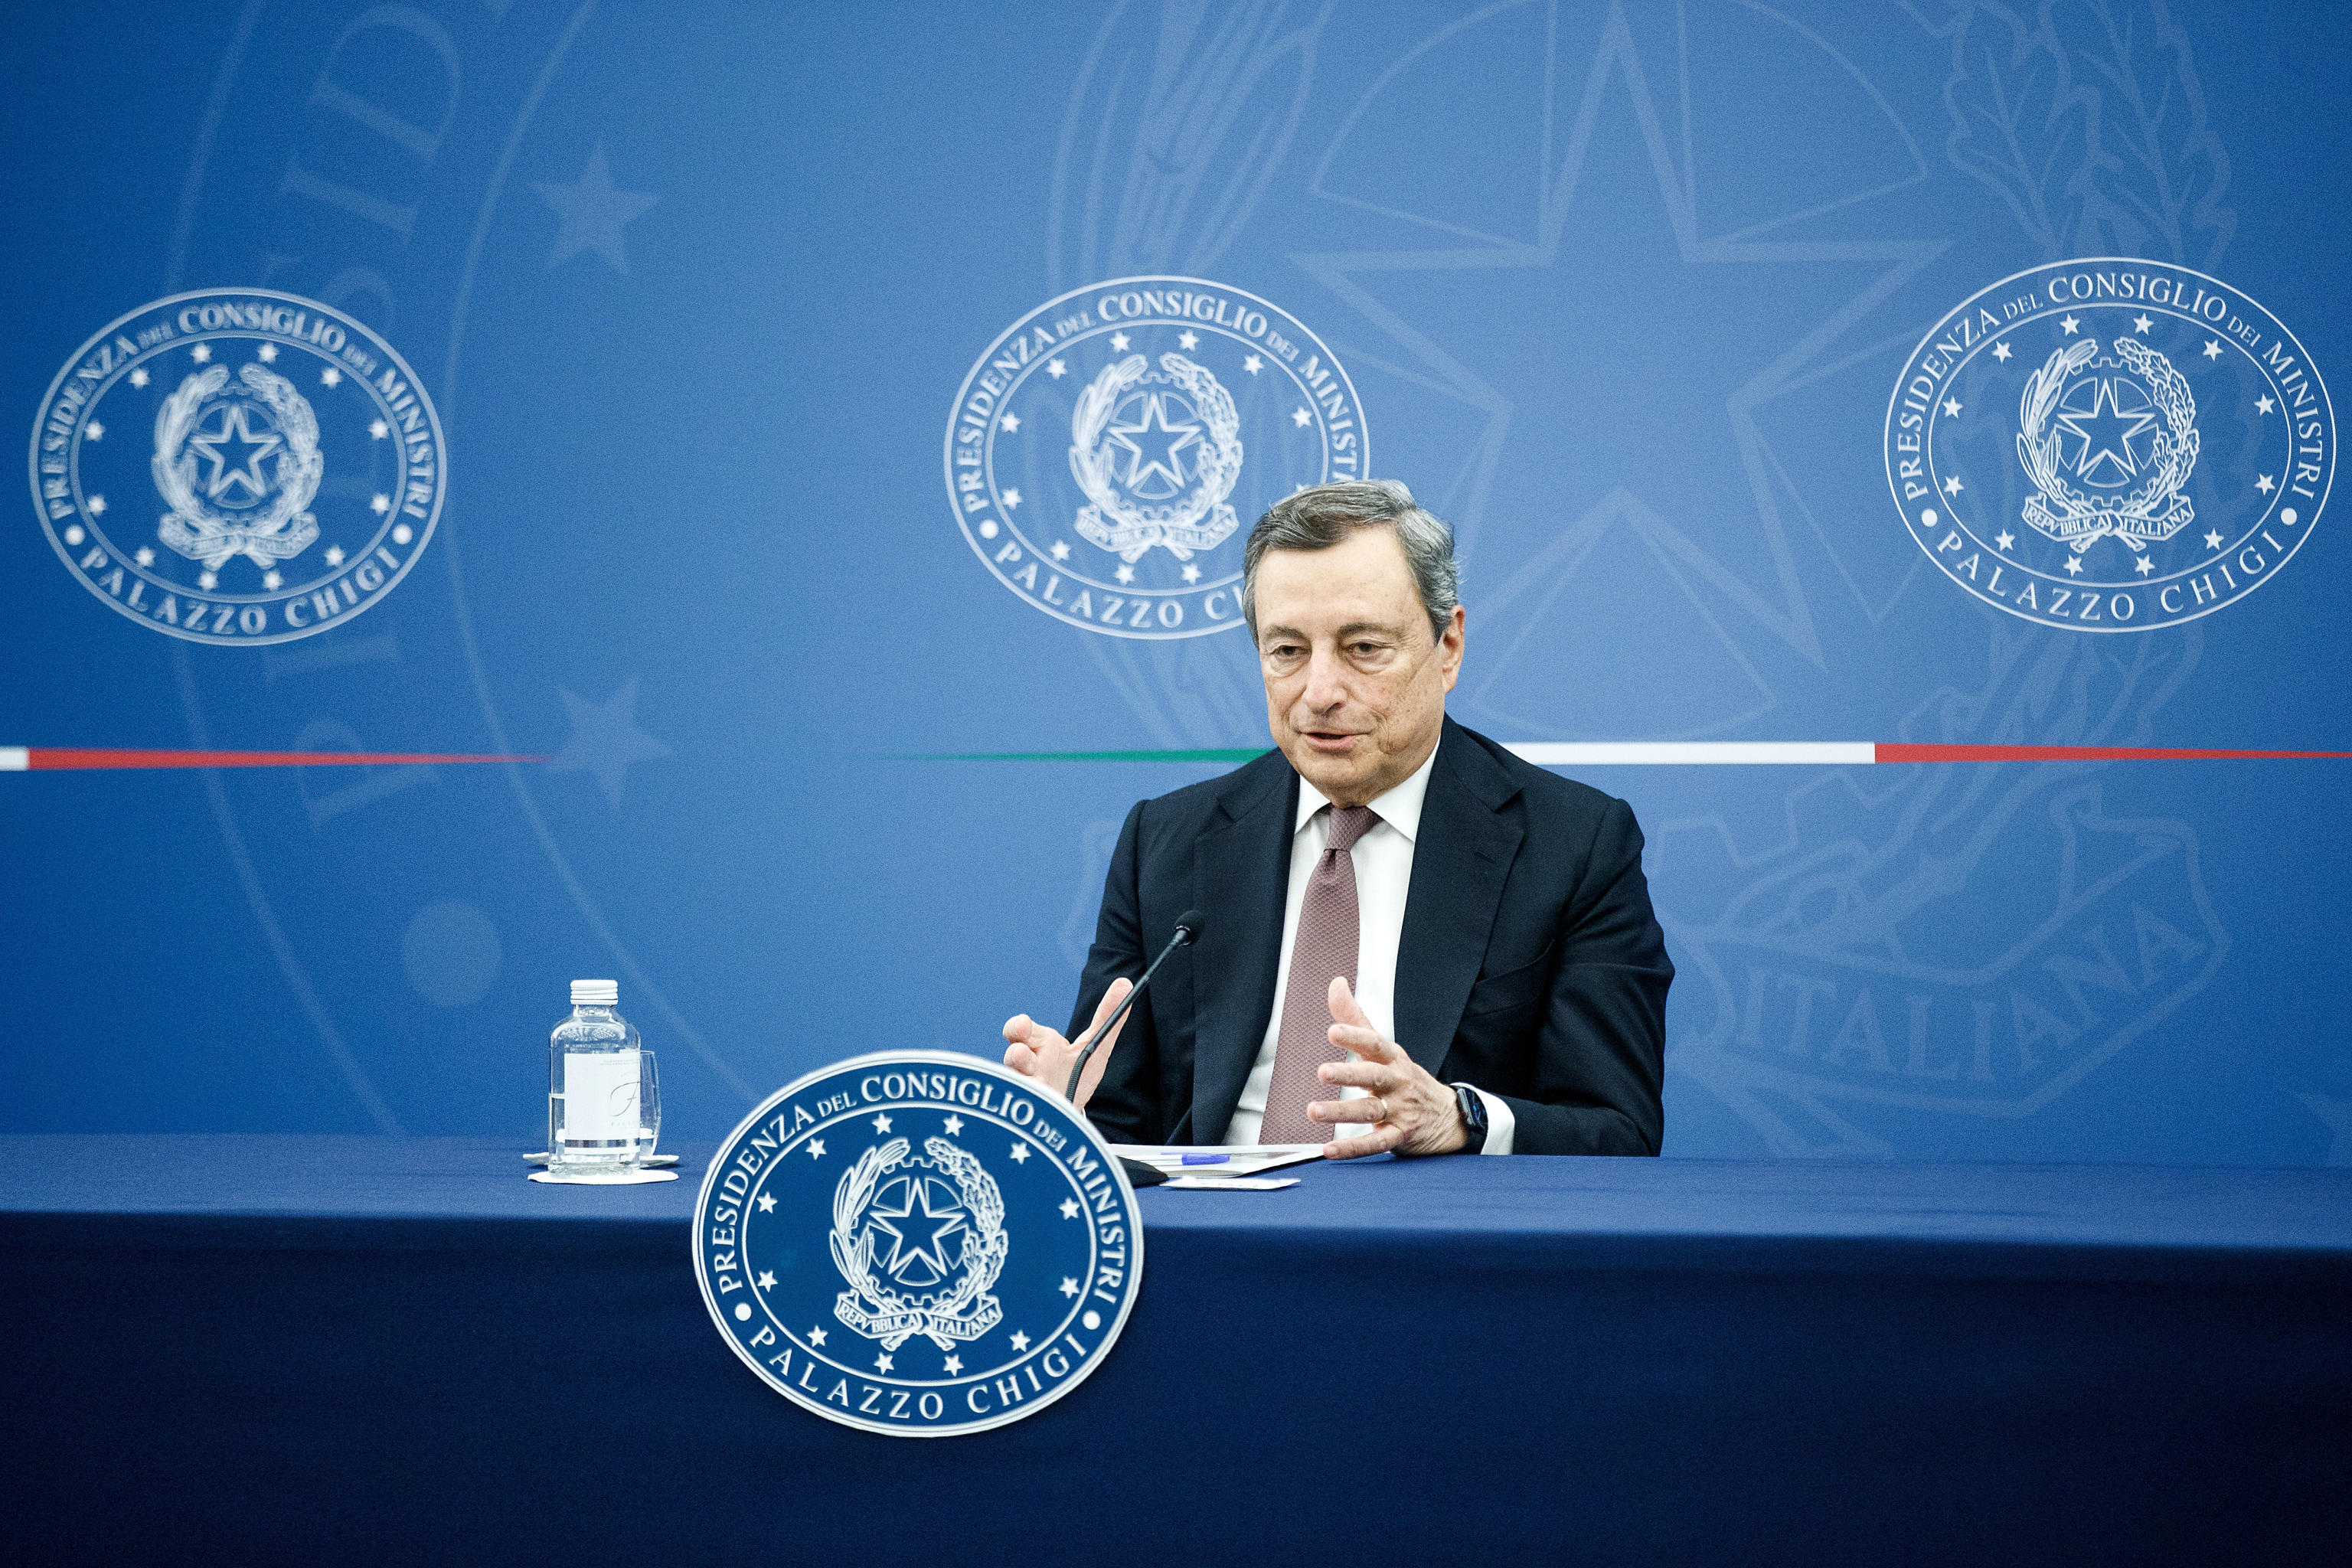 """Manovra, via libera del Cdm. Draghi: """"Cresceremo oltre il 6% nel 2021, dodici miliardi per tagliare le tasse. Più controlli sul reddito di cittadinanza"""""""